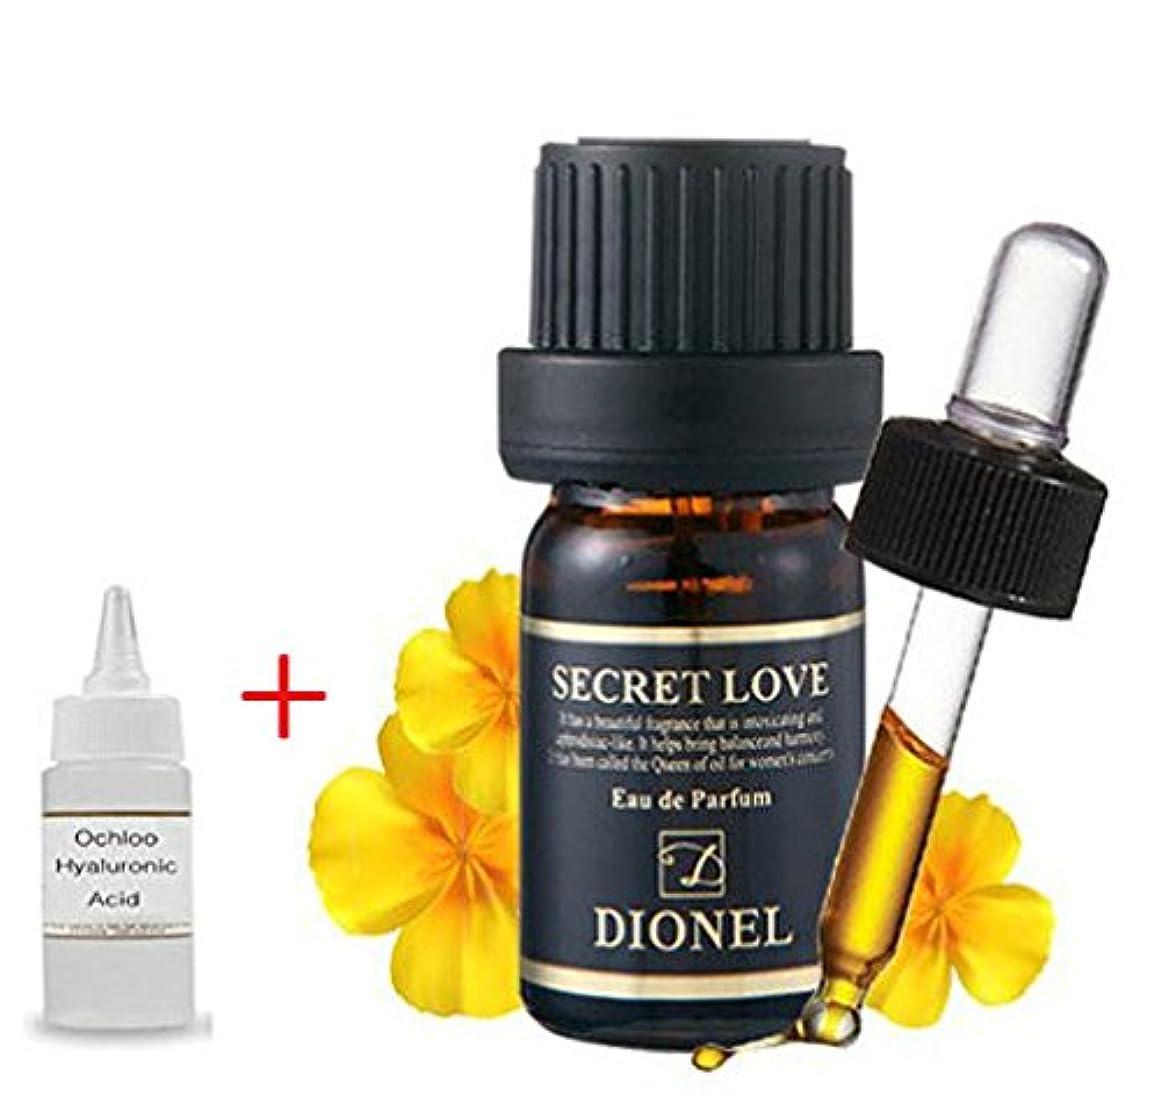 頼むミルク闘争[Dionel] 香水のような女性清潔剤、プレミアムアロマエッセンス Original Love Secret Black Edition Dionel 5ml. ラブブラックエディション、一滴の奇跡. Made in...